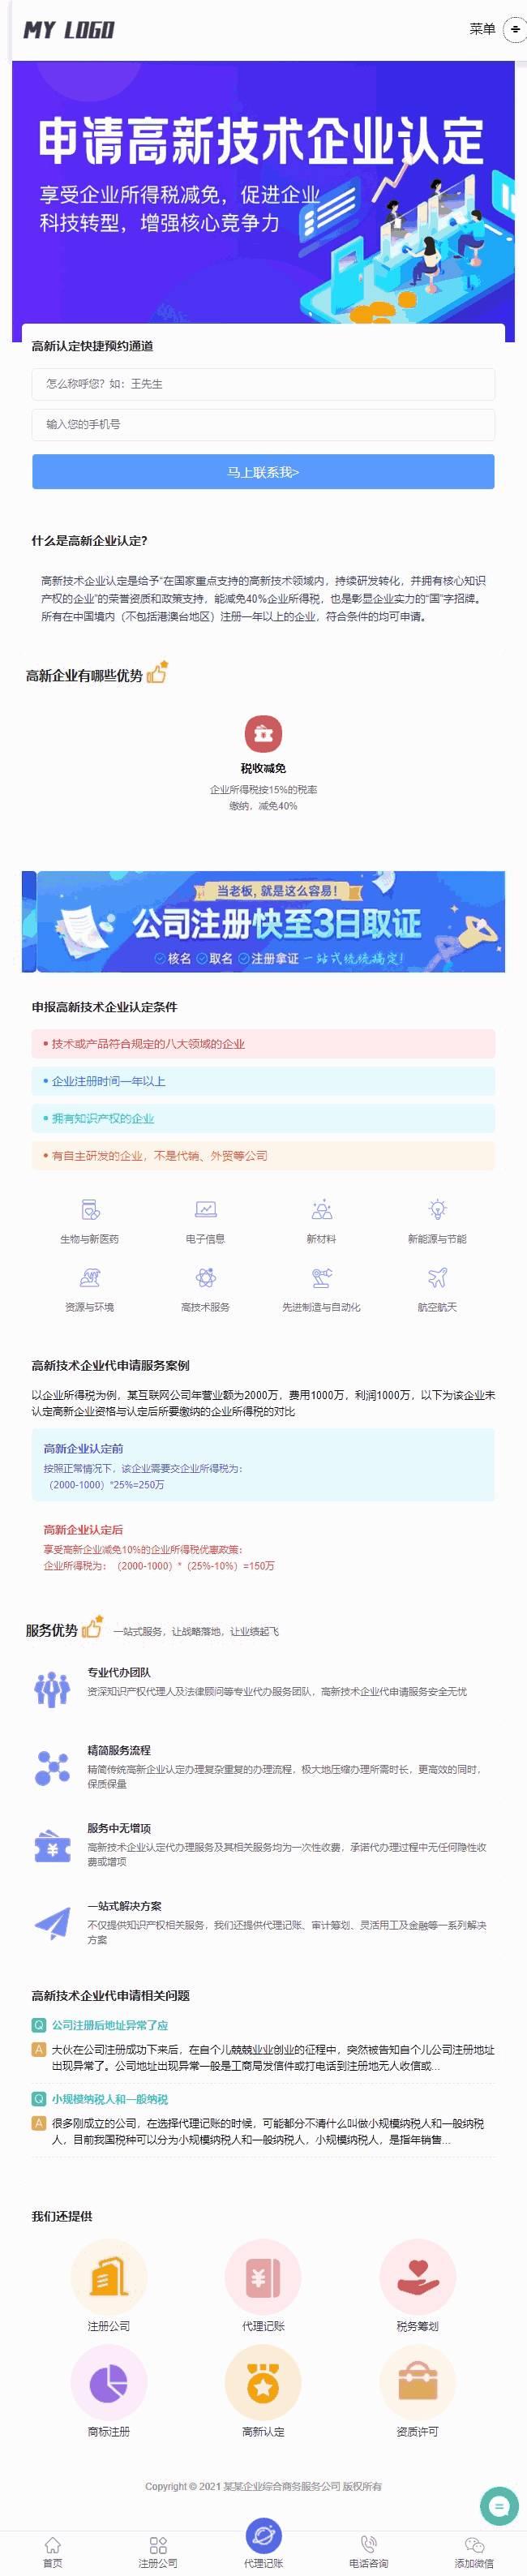 手机高新企业认定页面